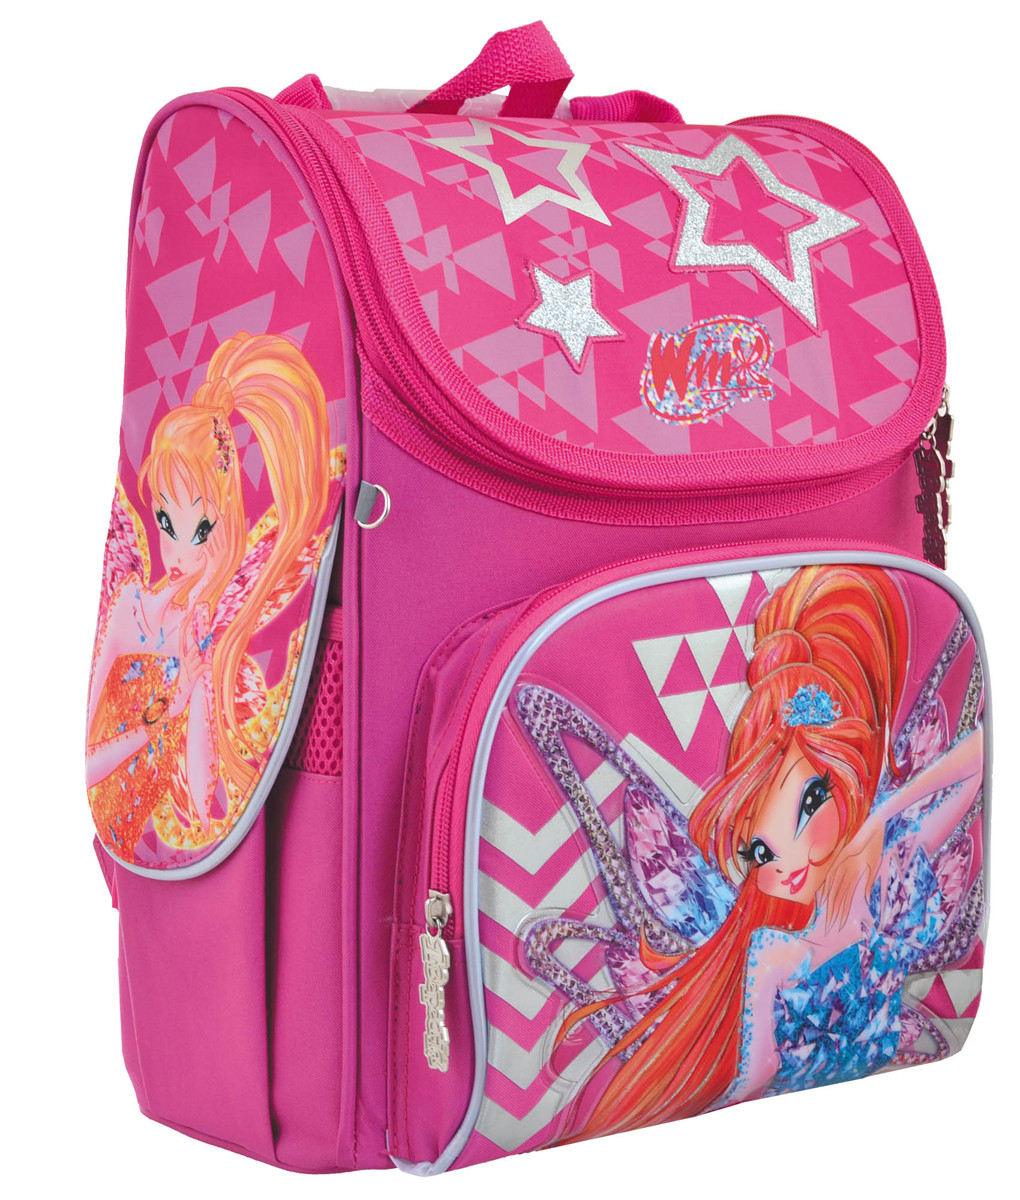 Рюкзак шкільний каркасний 1 Вересня H-11 Winx  Рожевий (556152)